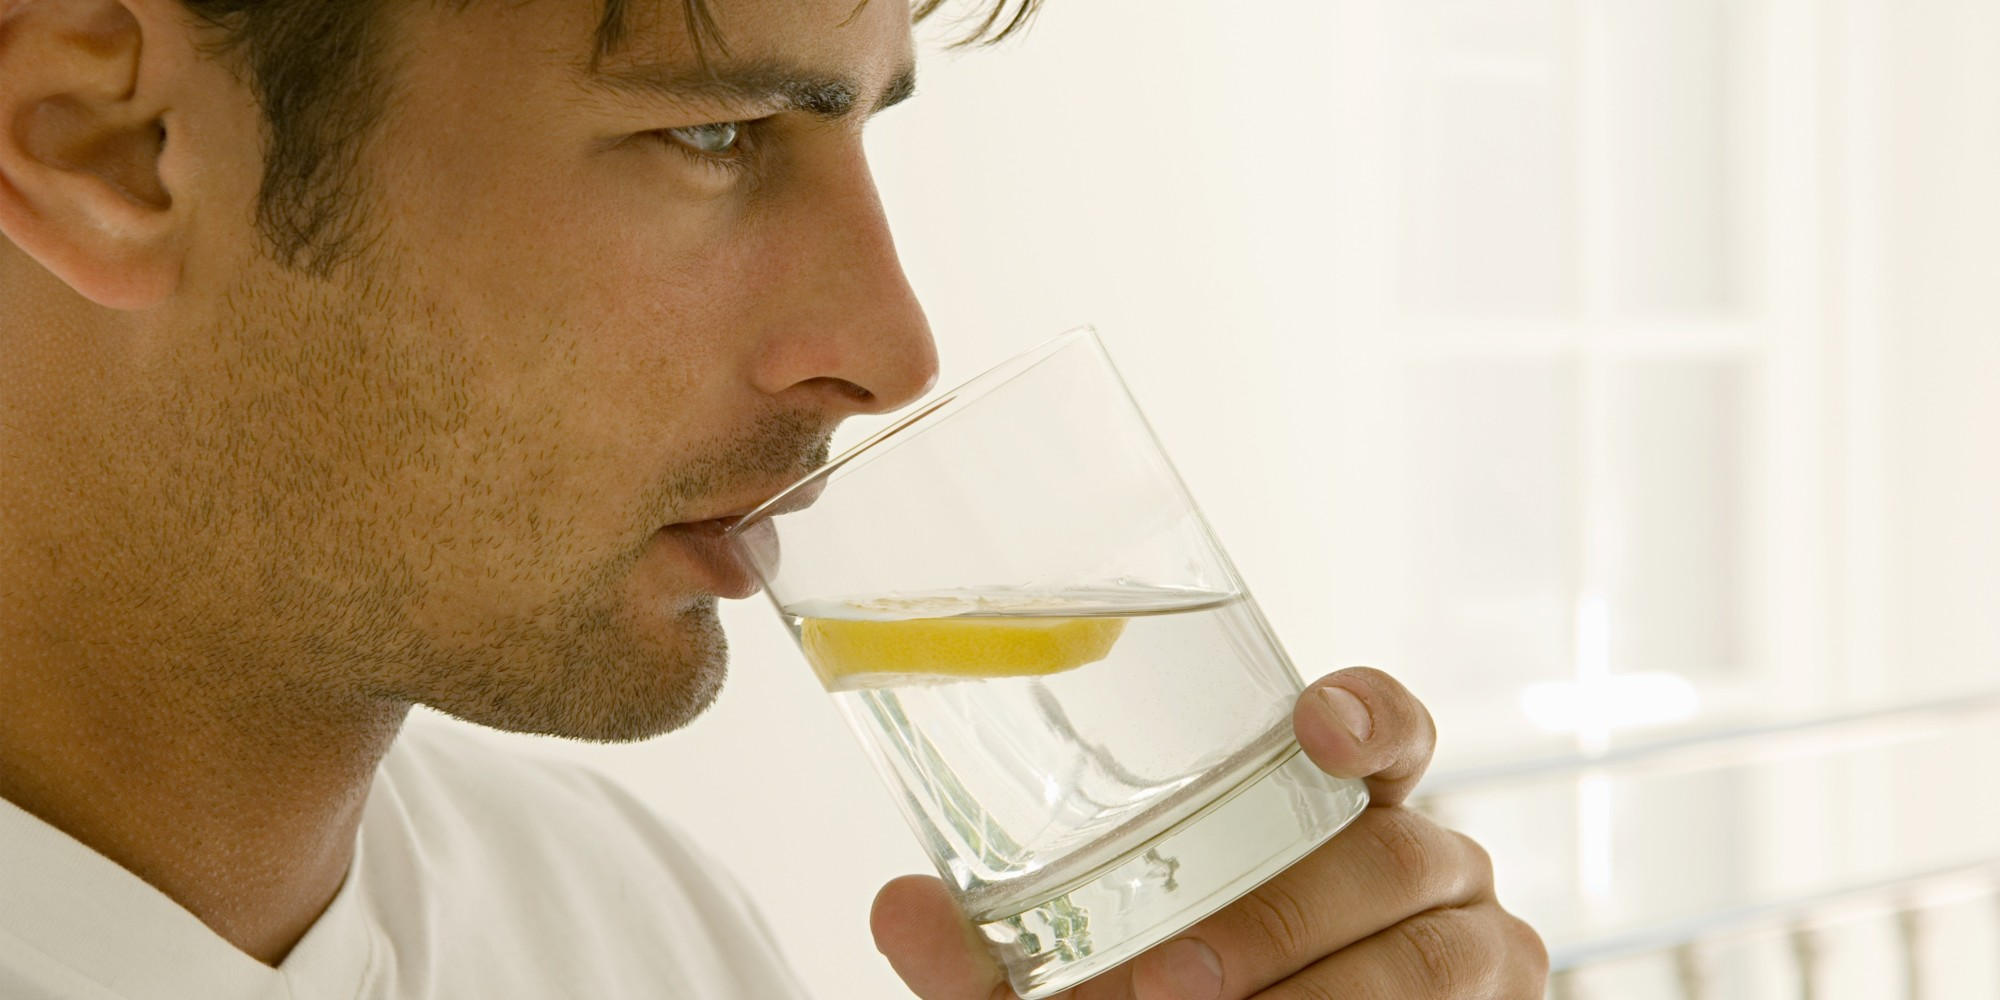 بالصور شرب الماء مع الليمون رجل يشرب ماء ليمون